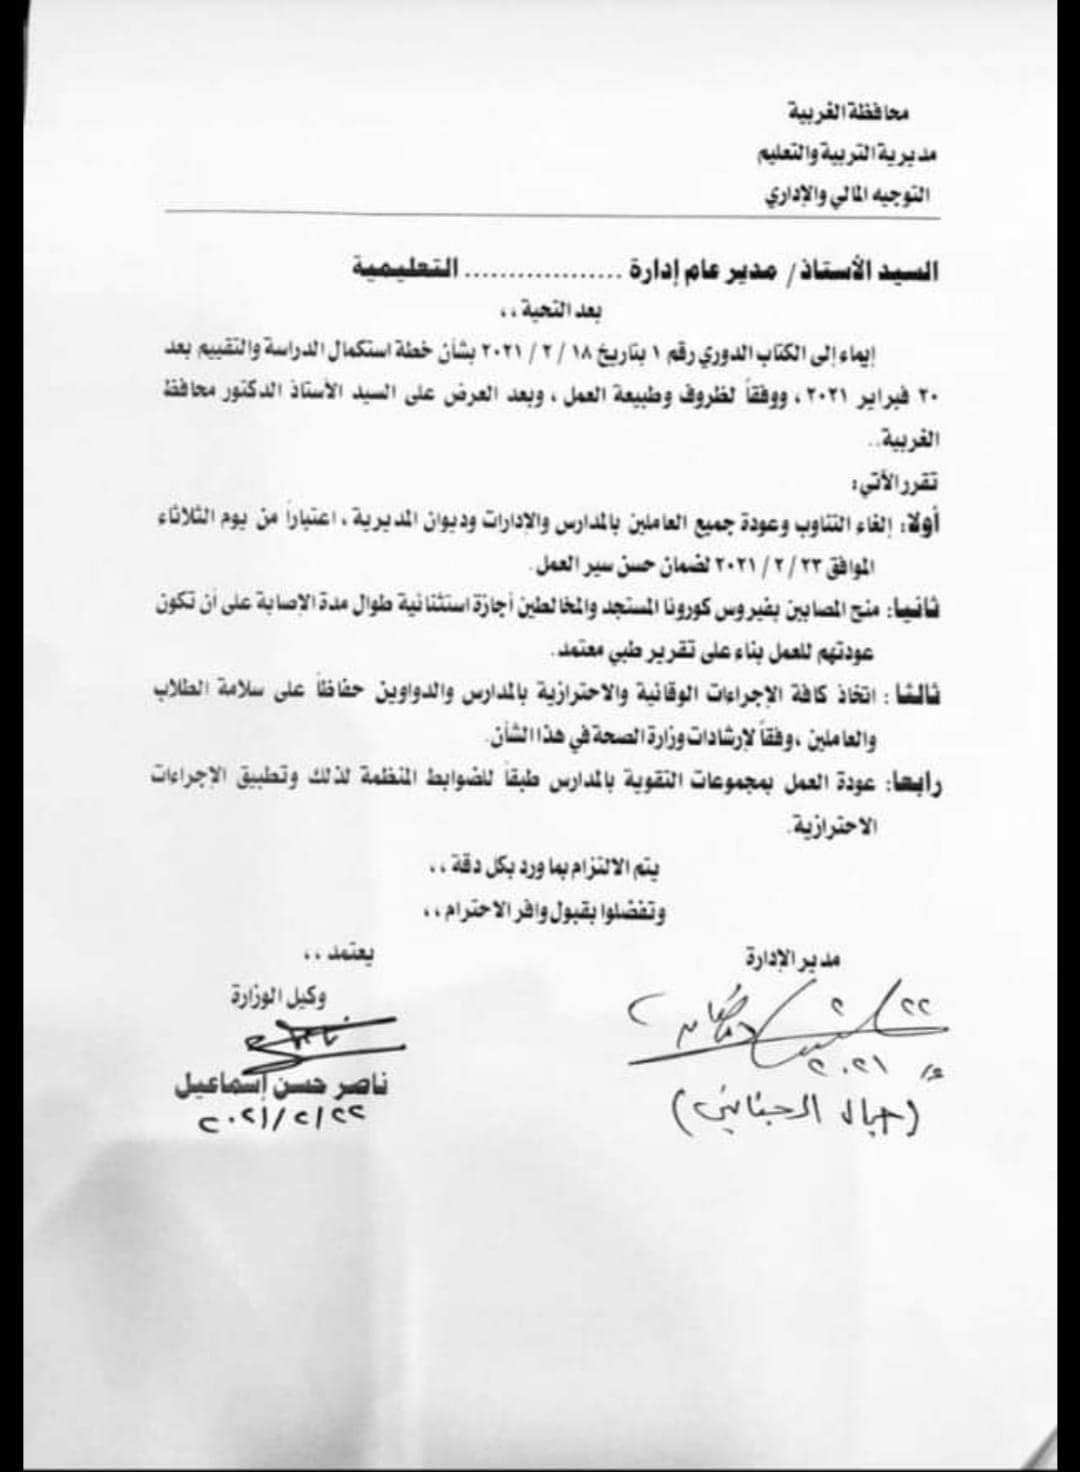 إلغاء التناوب وعودة جميع العاملين للمدارس في الغربية